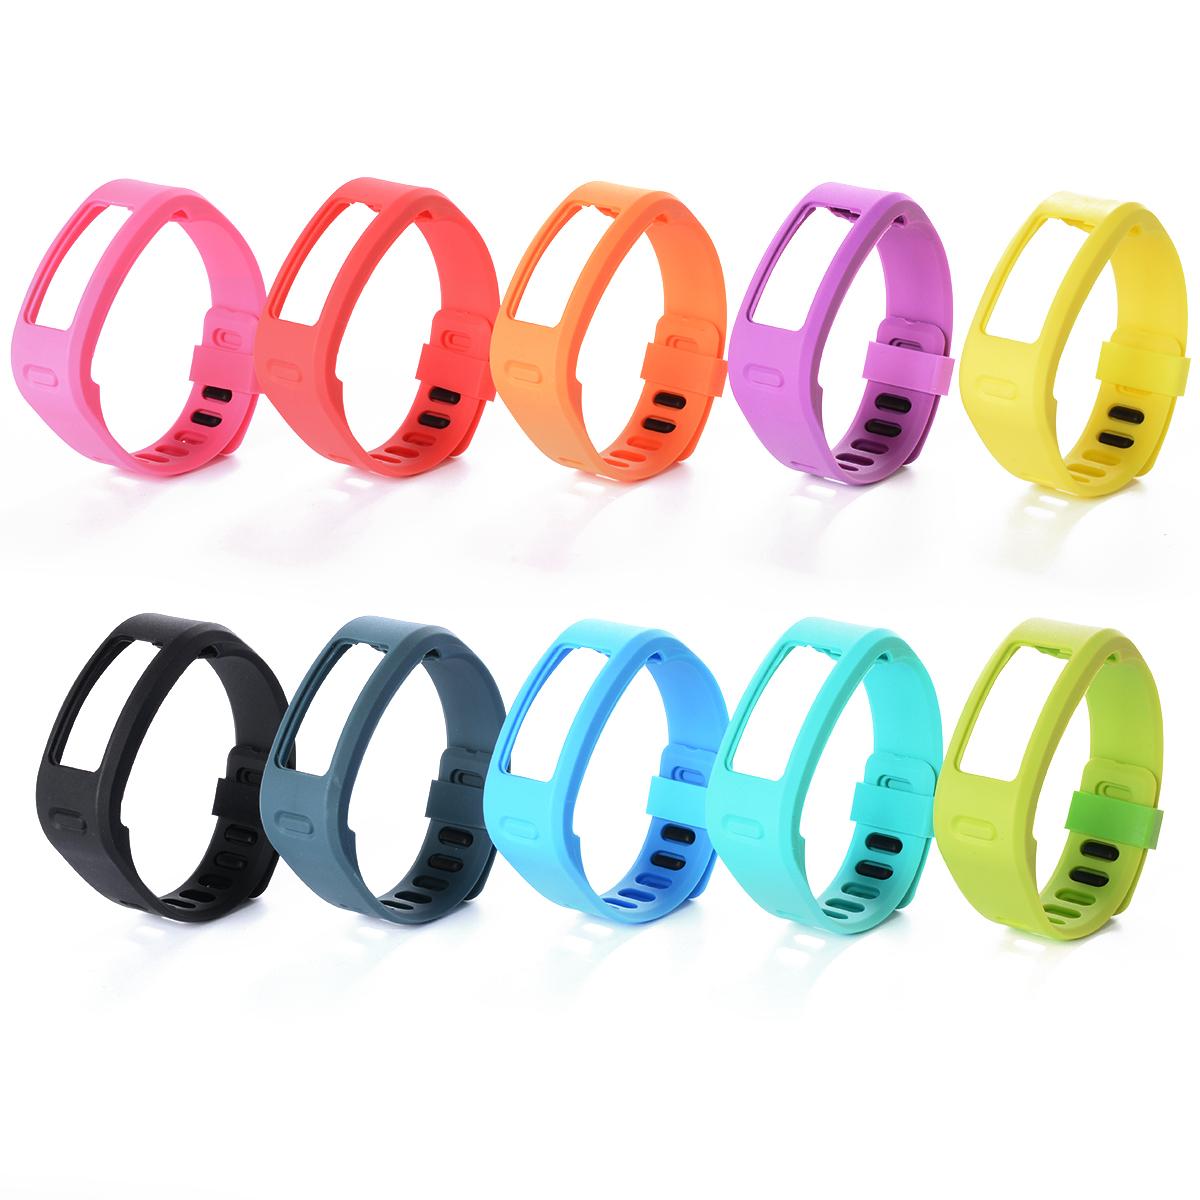 10PCS Replacement Wristband Band